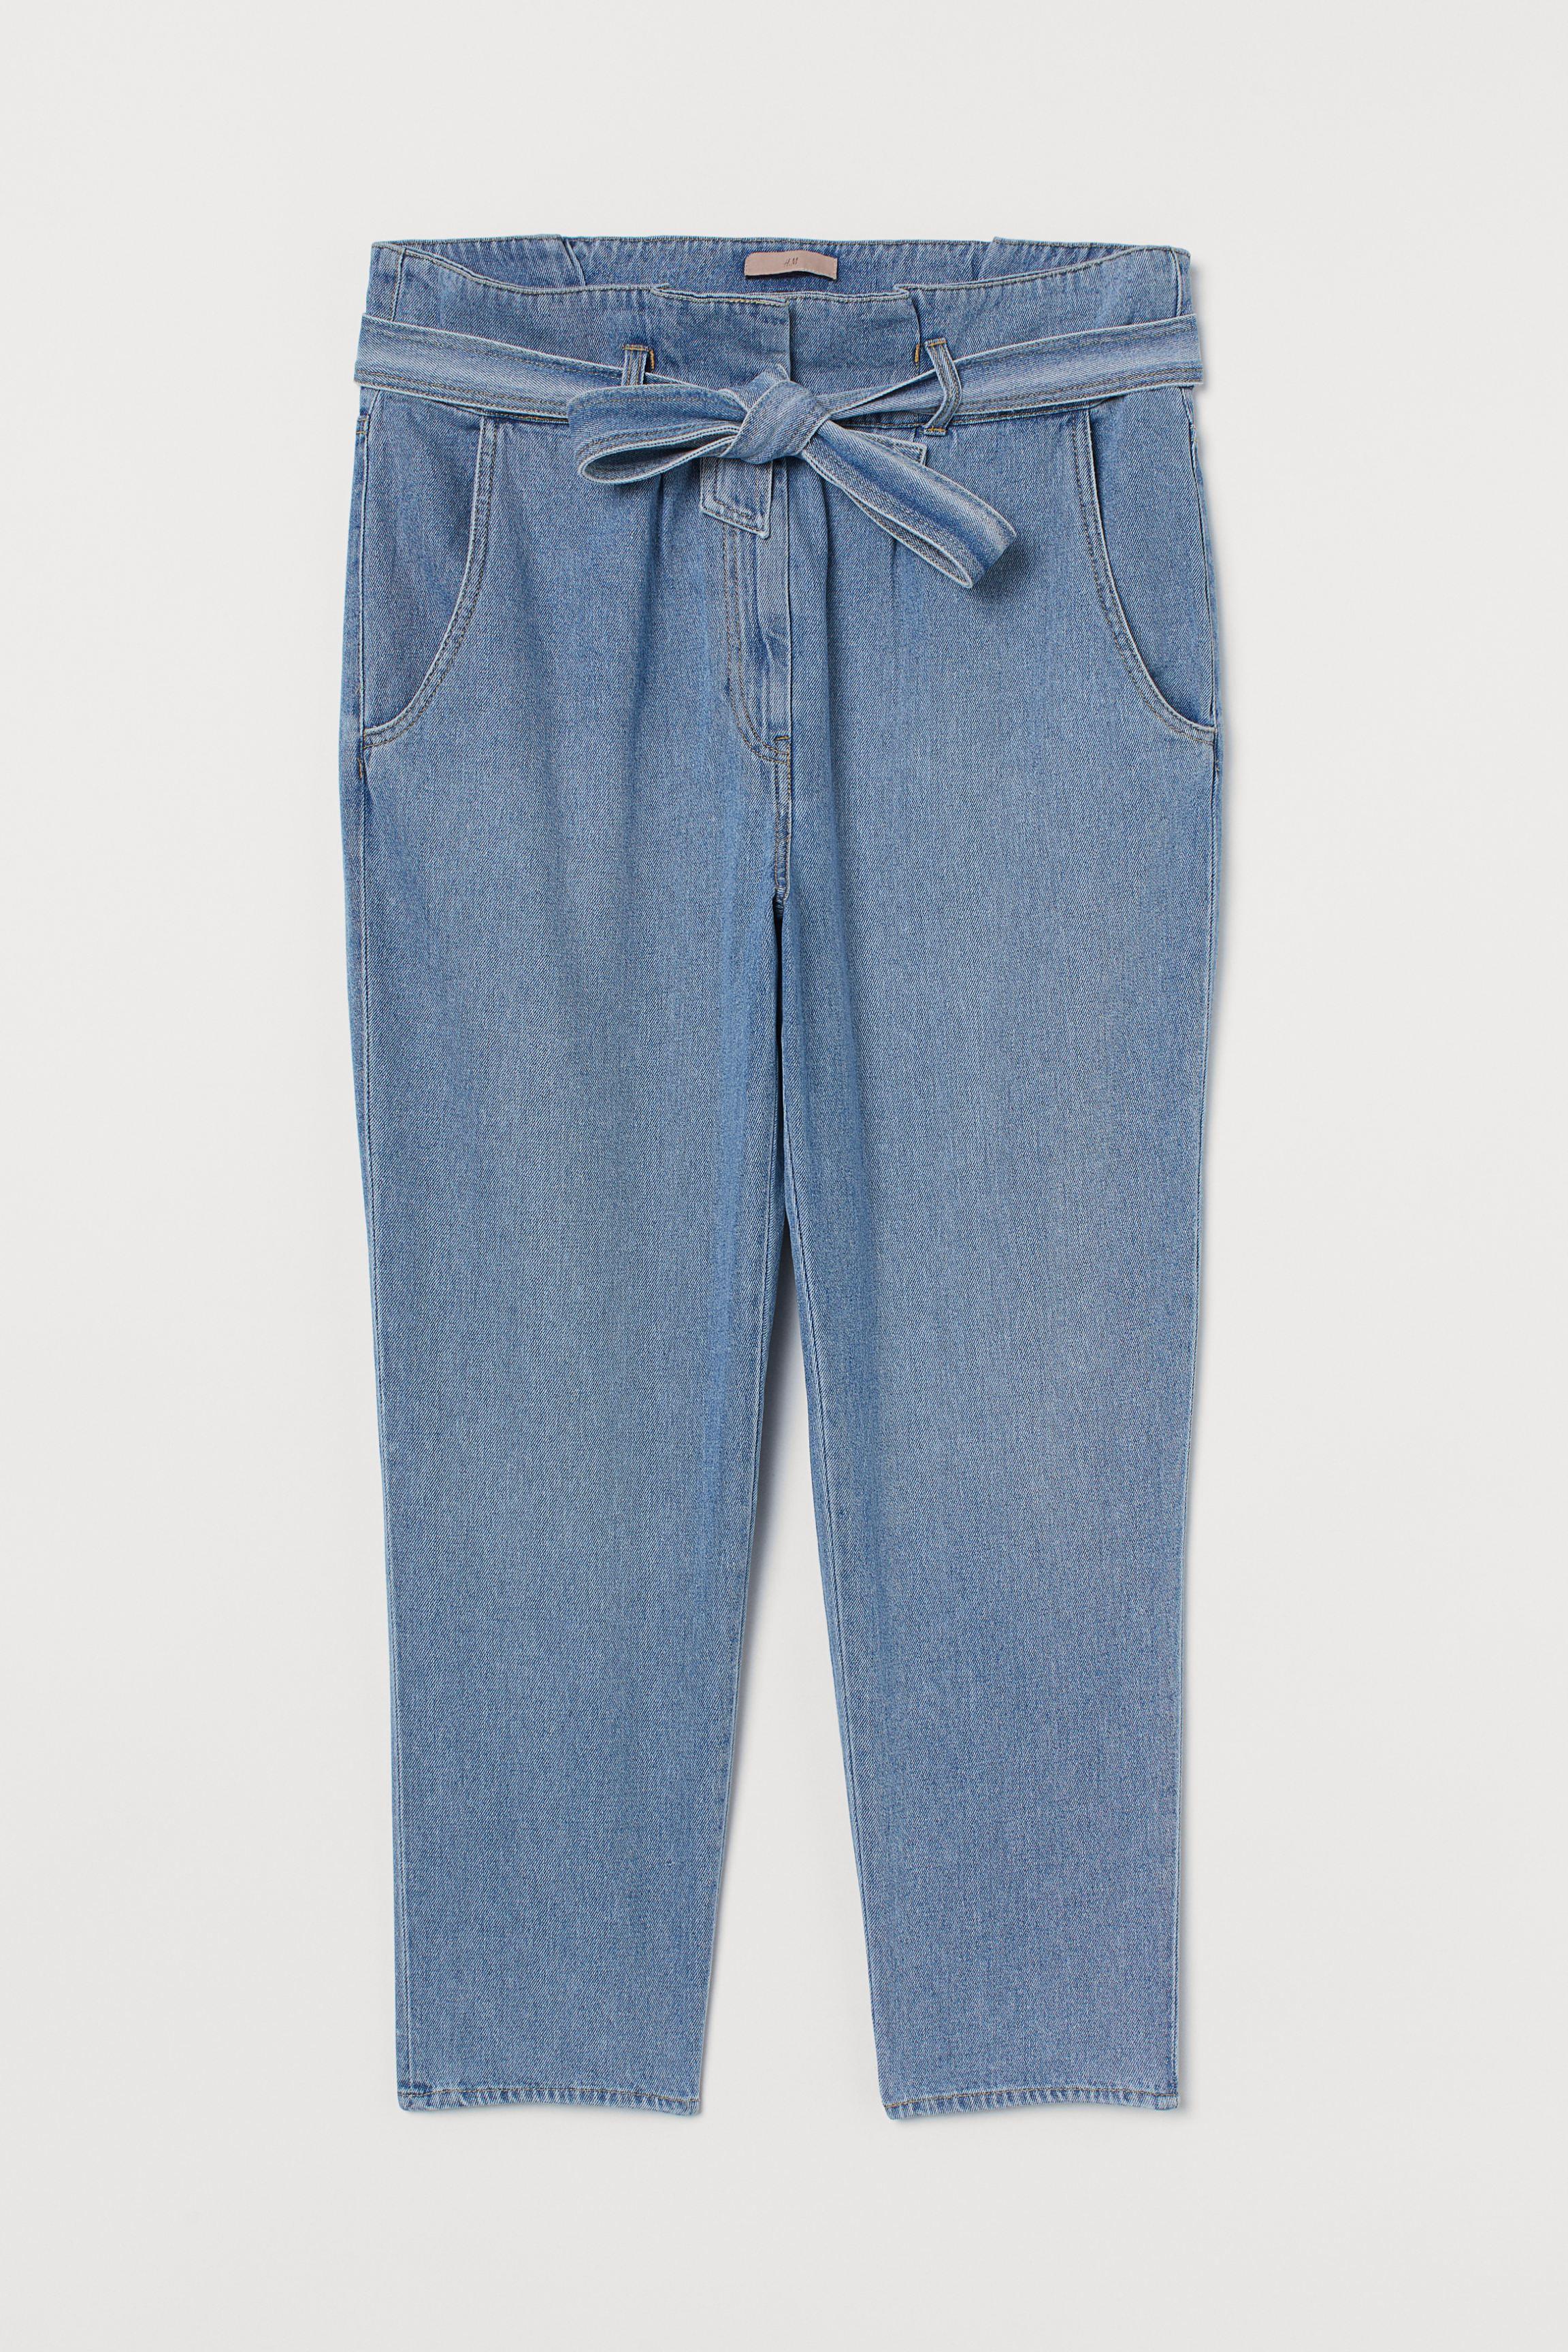 H&M+ Paper-bag Jeans